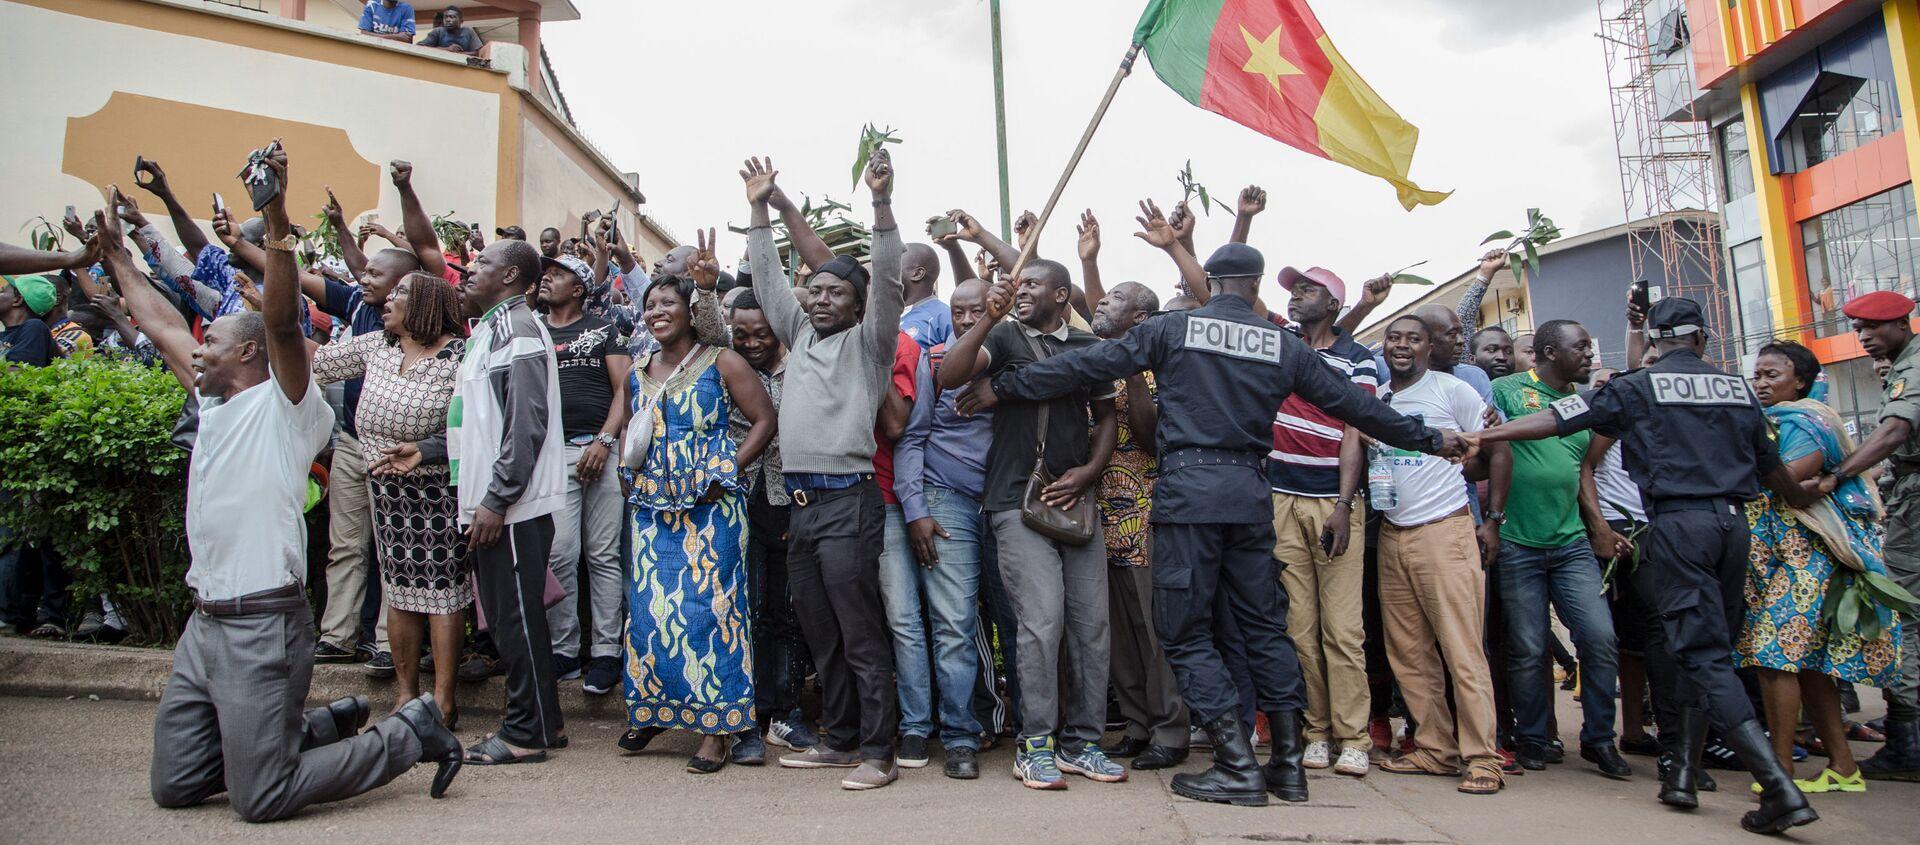 Des partisans de Maurice Kamto dans la rue, Cameroun - Sputnik France, 1920, 08.10.2020